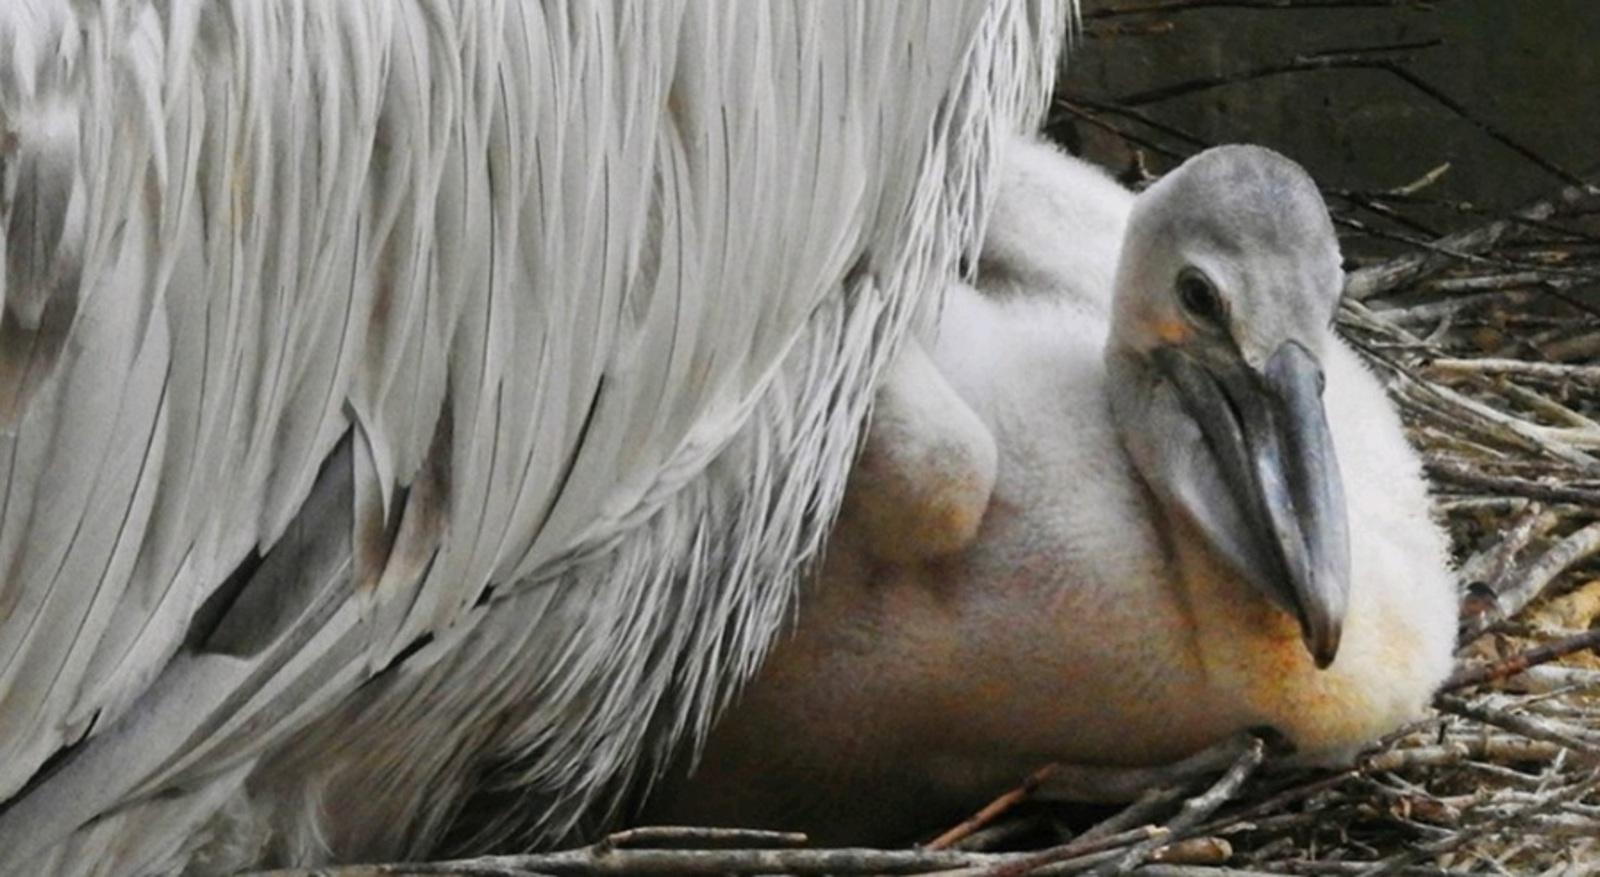 Помимо новорожденных птенцов, содержится всего четыре кудрявых пеликана